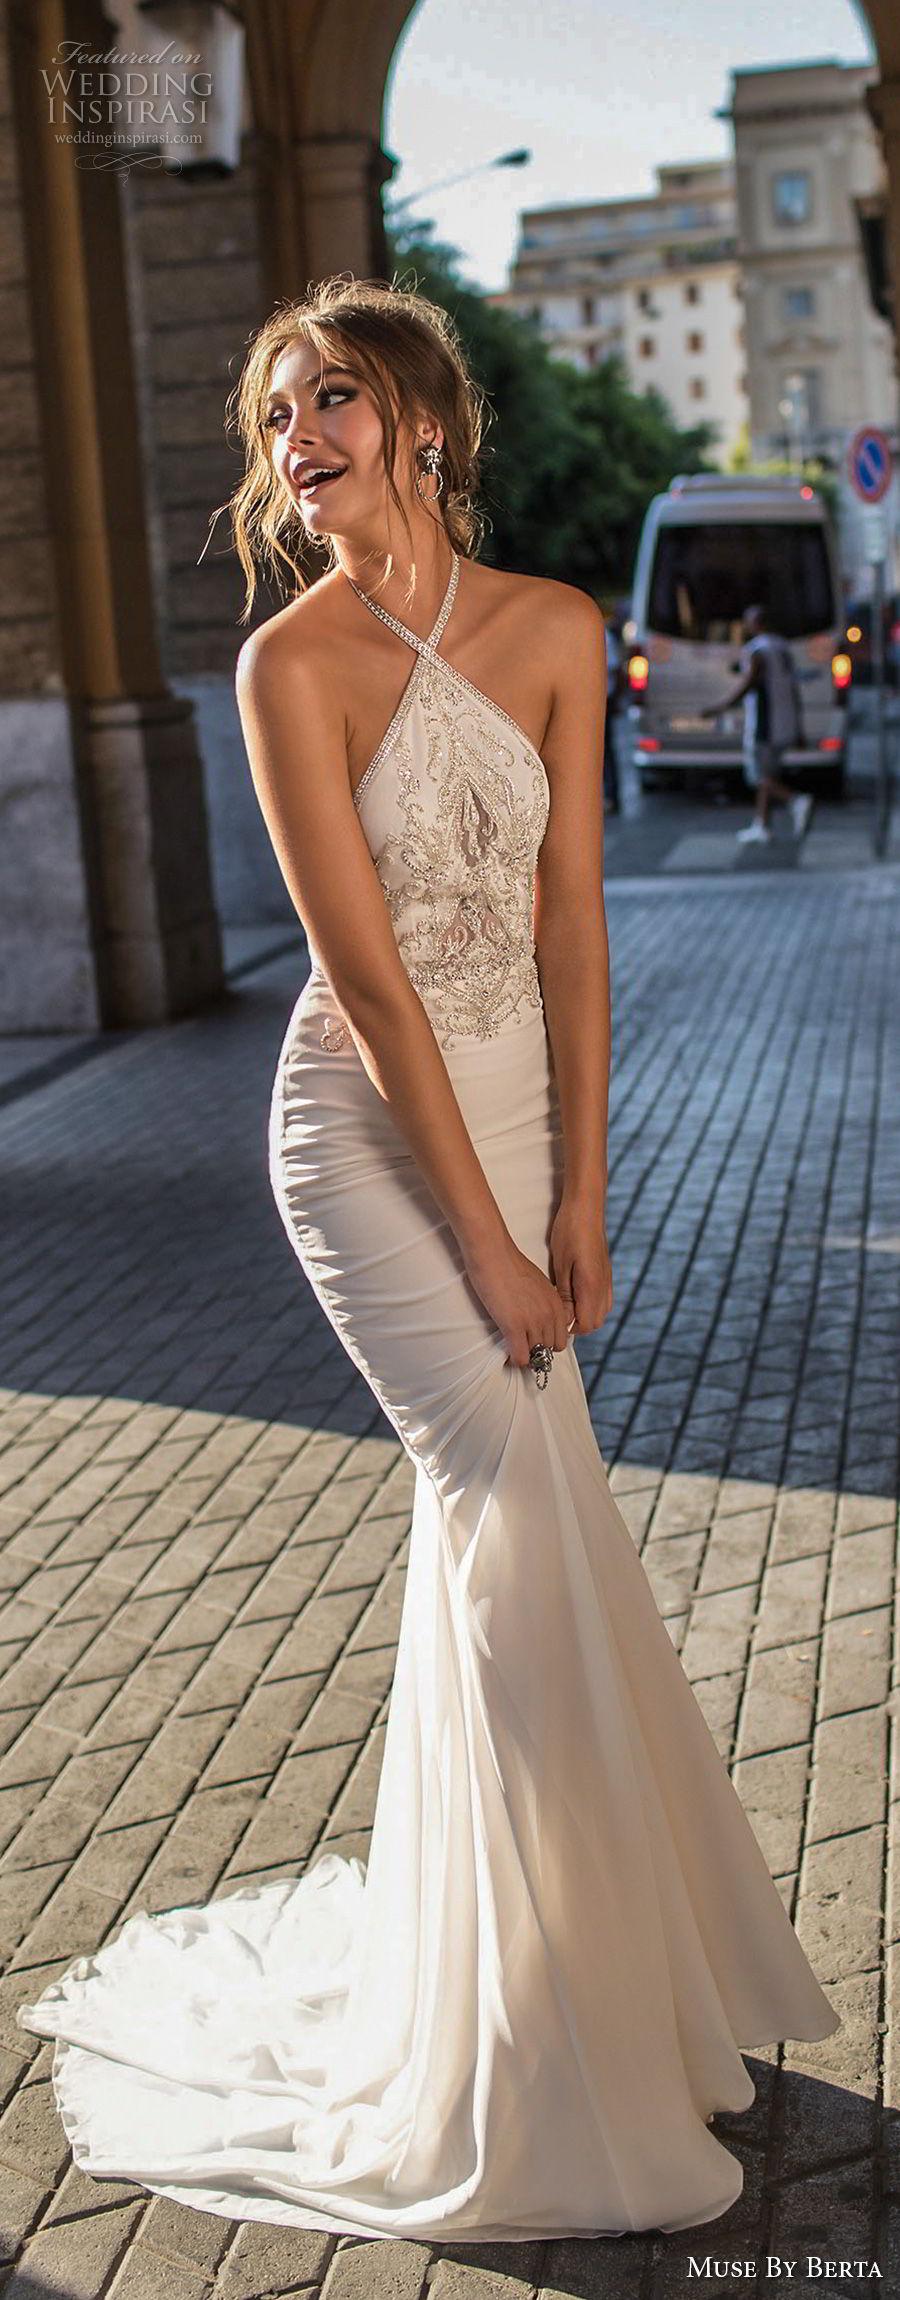 muse-berta-2018-bridal-sleeveless-halter-neck-heavily-embellished-bodice-elegant-sheath-fit-and-flare-wedding-dress-sweep-train-17-mv